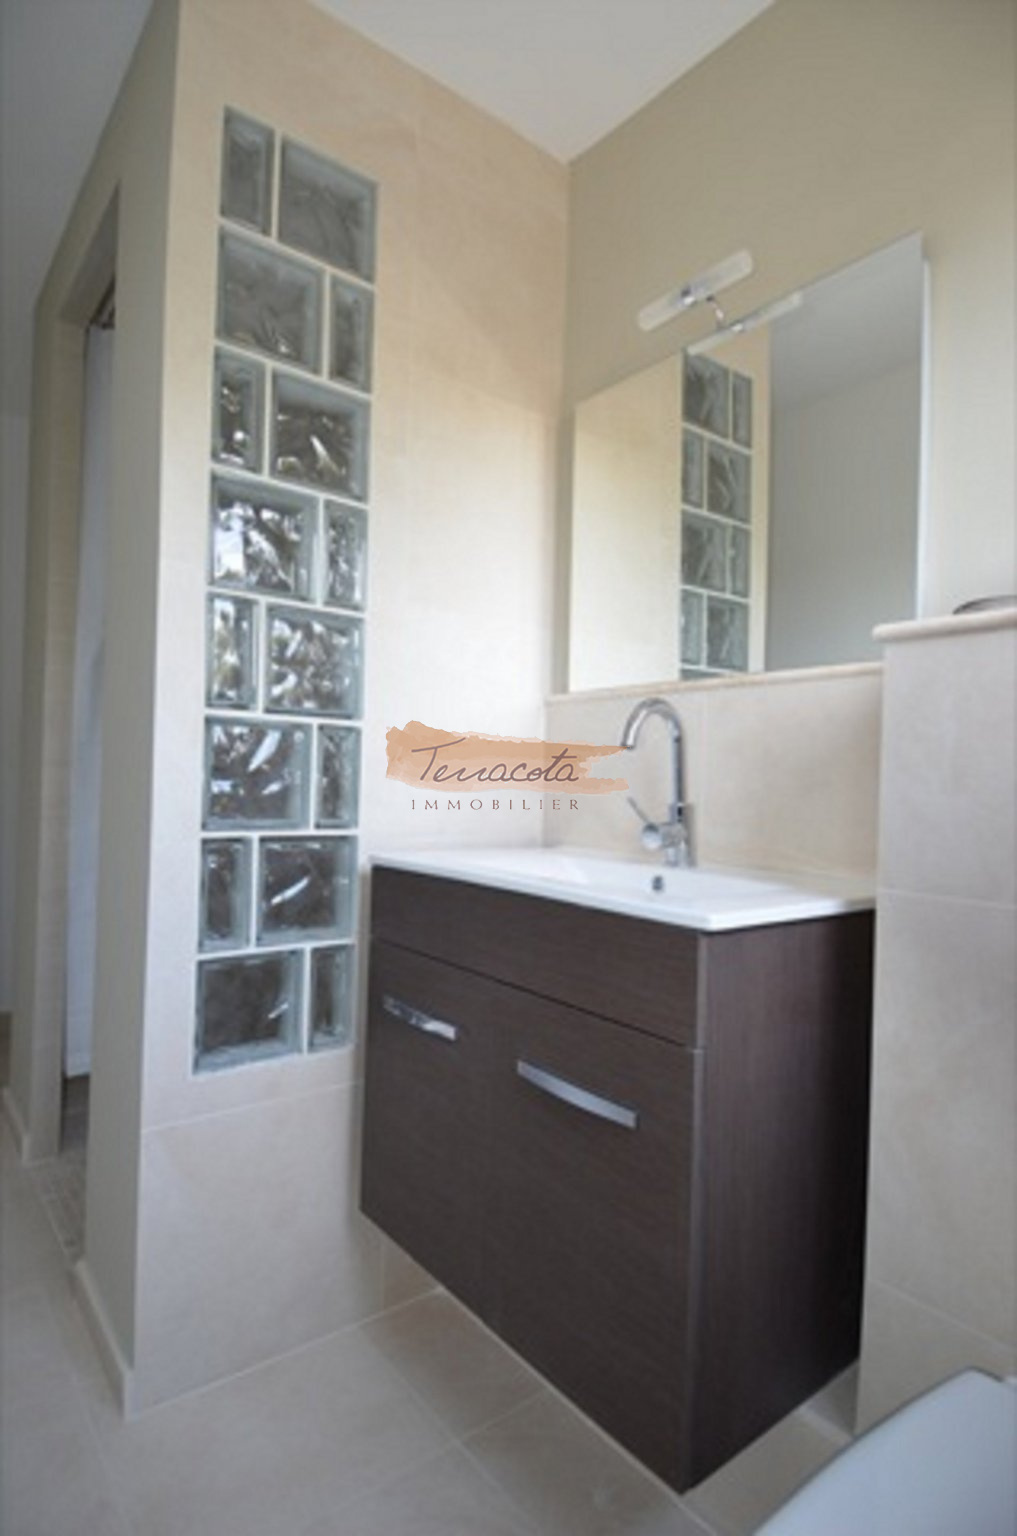 salle d'eau